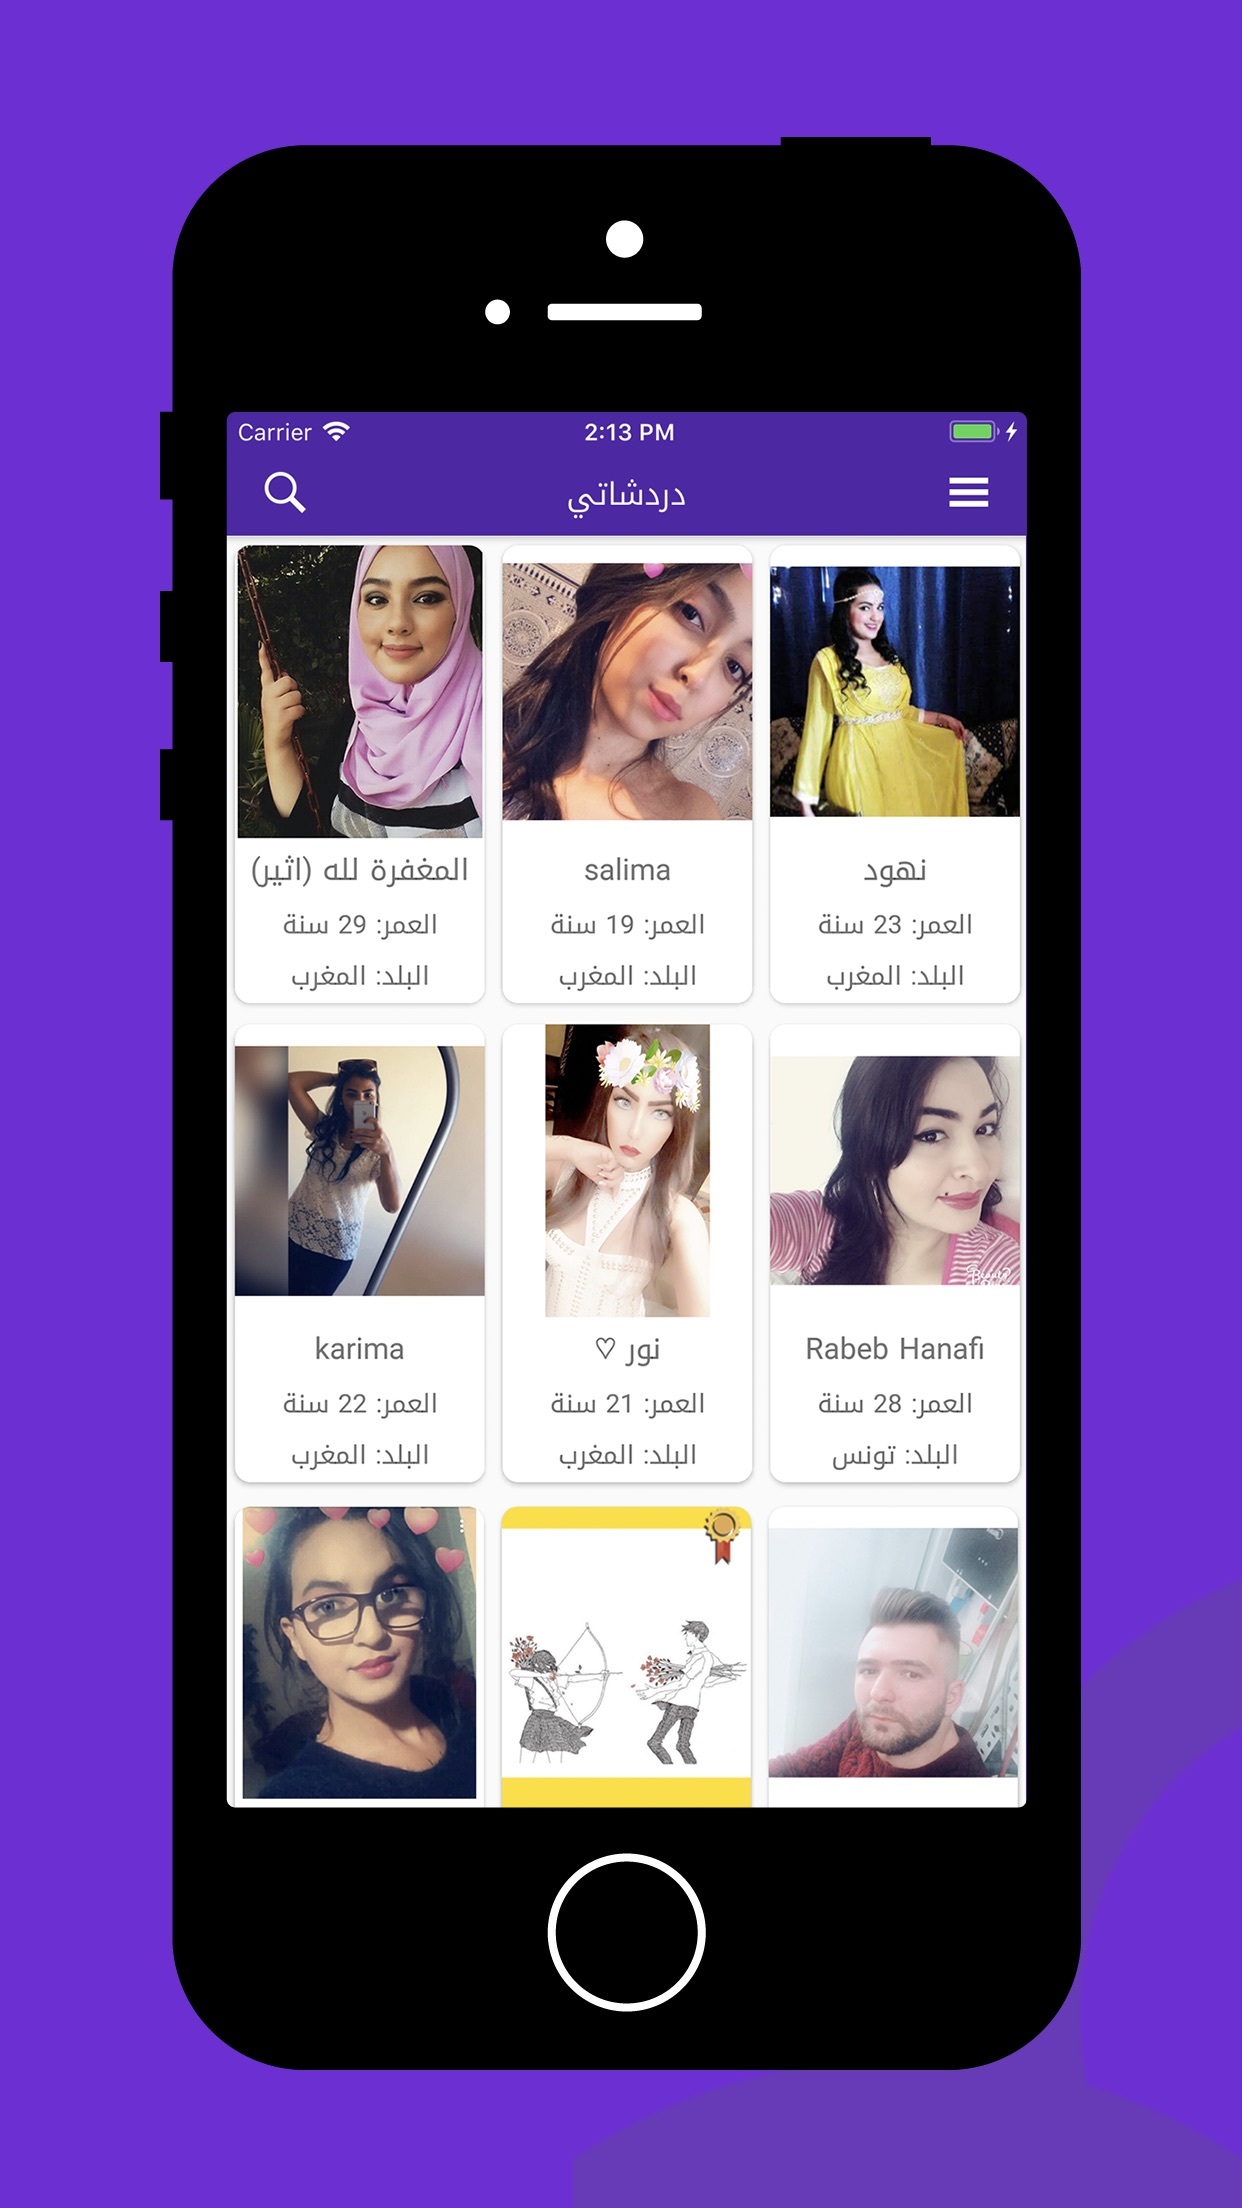 دردشاتي -تعارف شات دردشة وزواج Screenshot